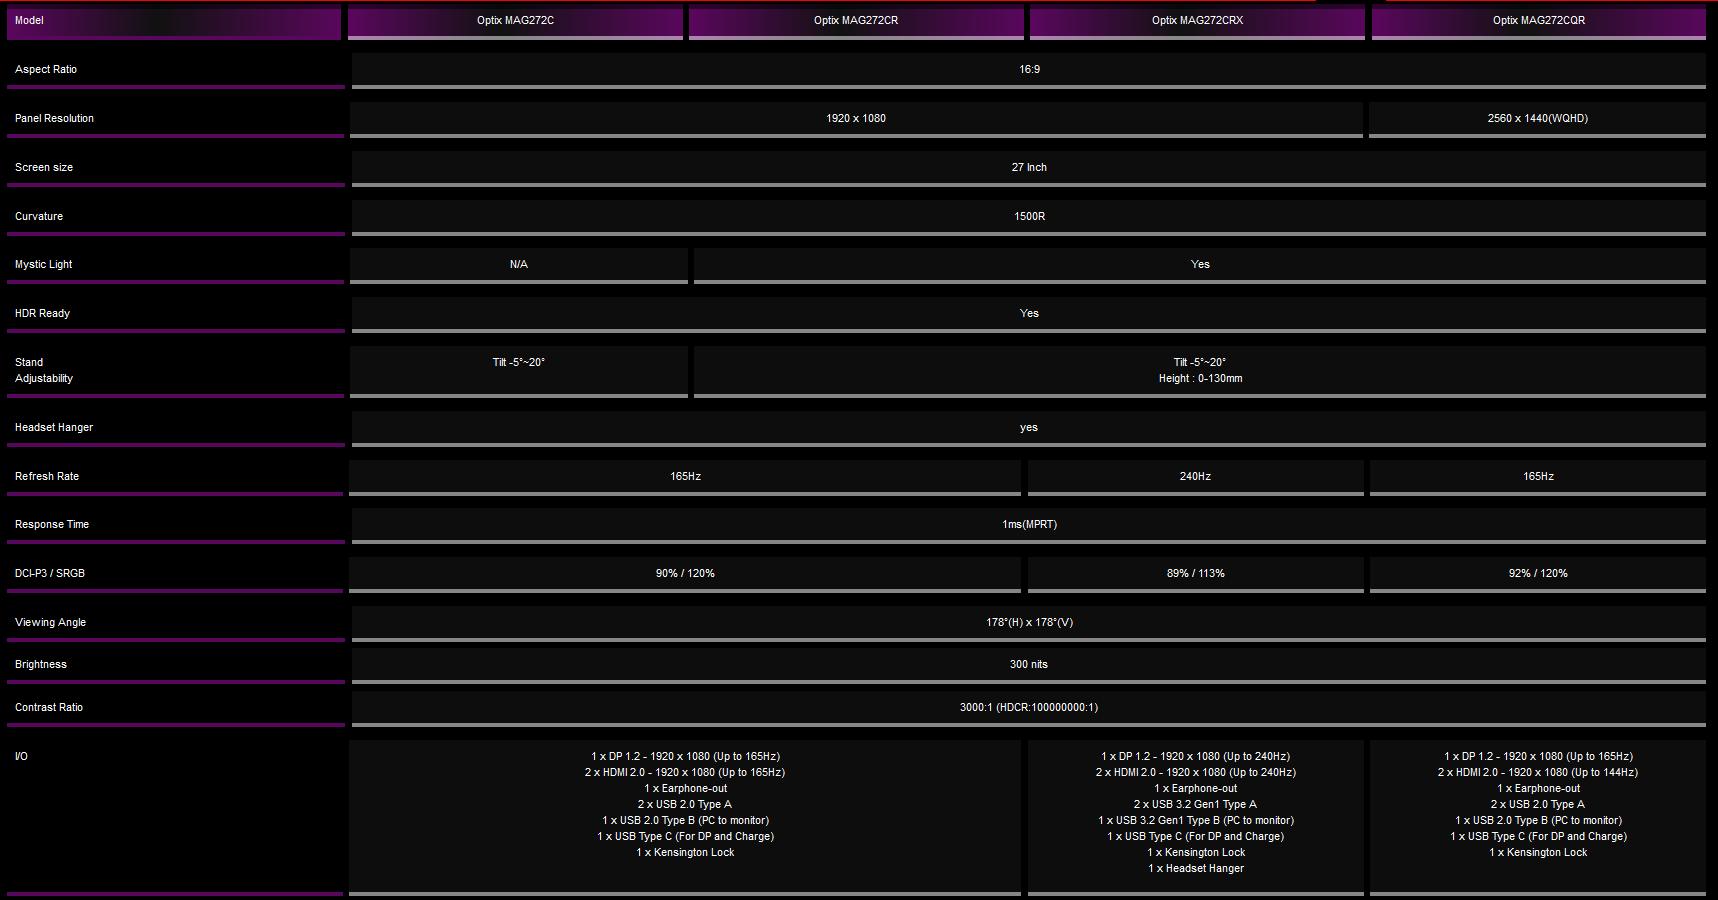 MSI Ushers In Brand New Optix Gaming Monitors - Displays 2